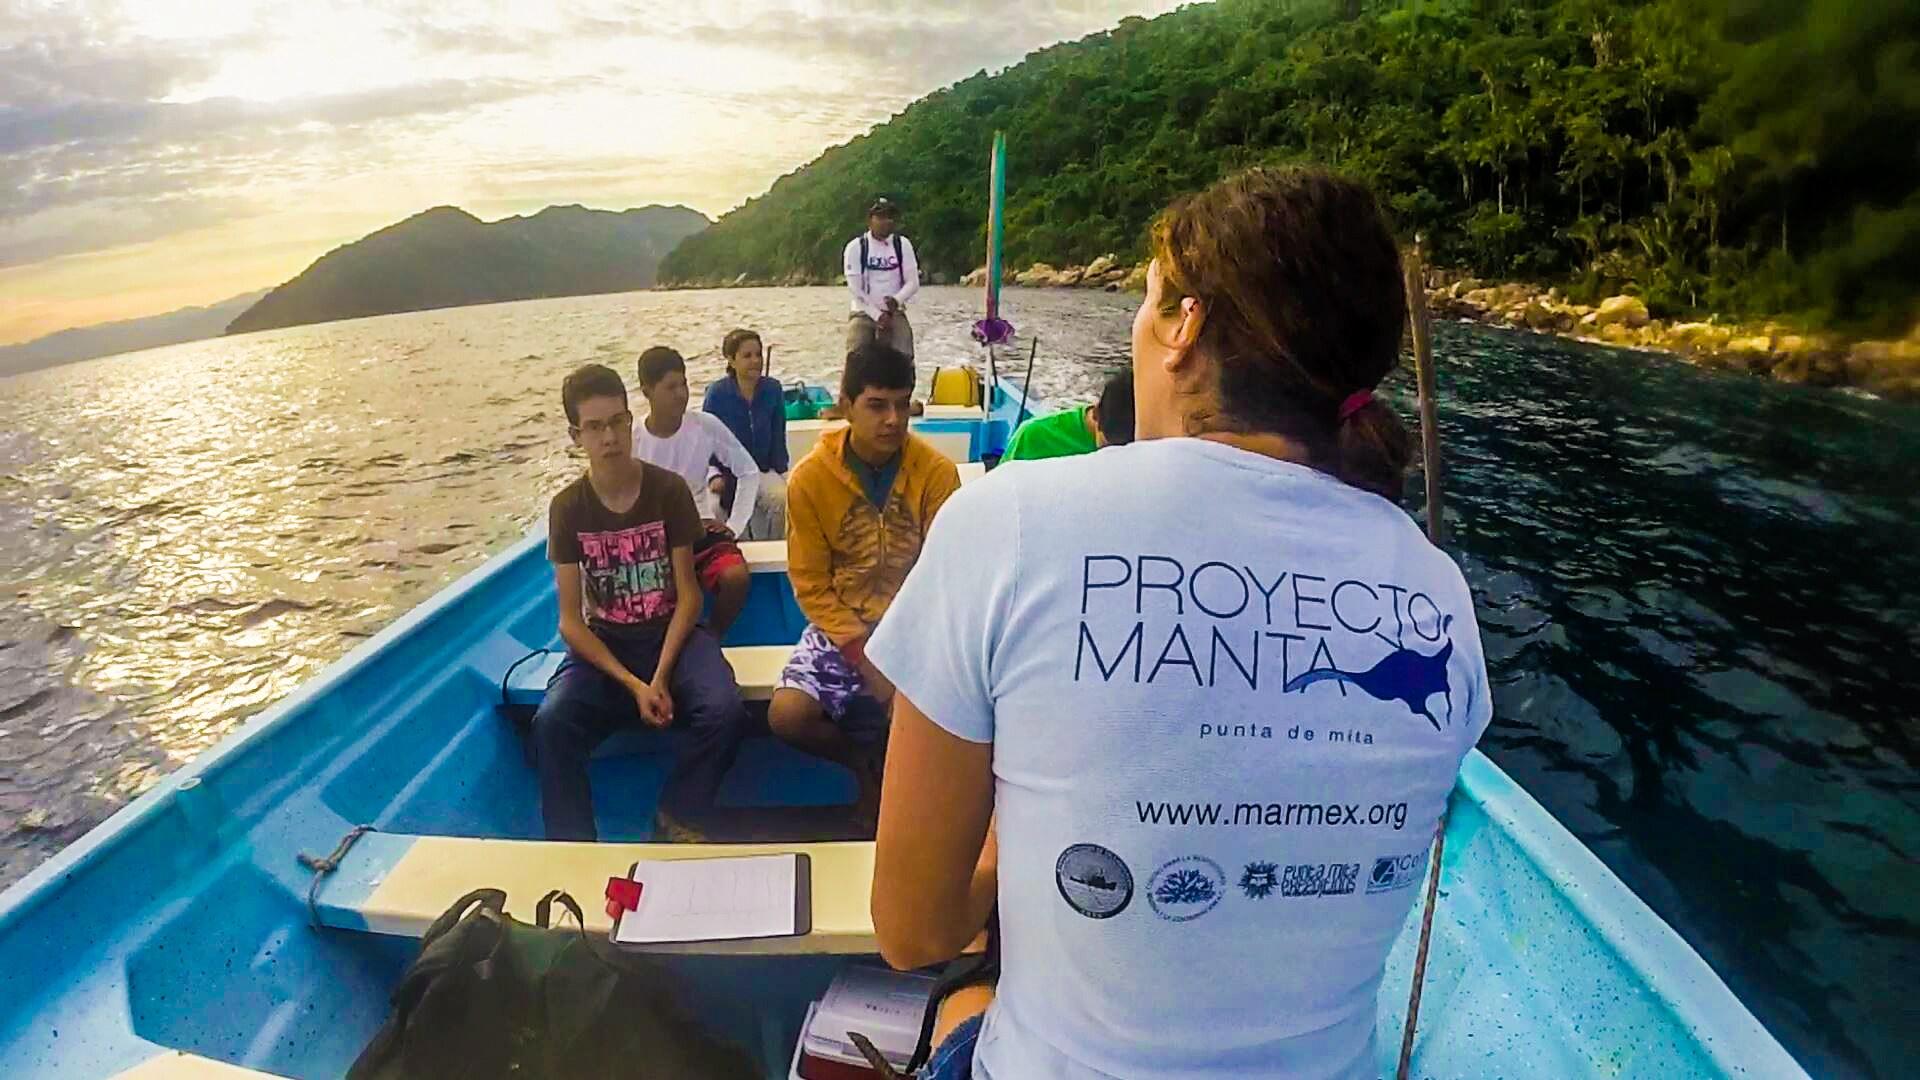 Iliana Fonseca - Projeto Manta/Manta Trust